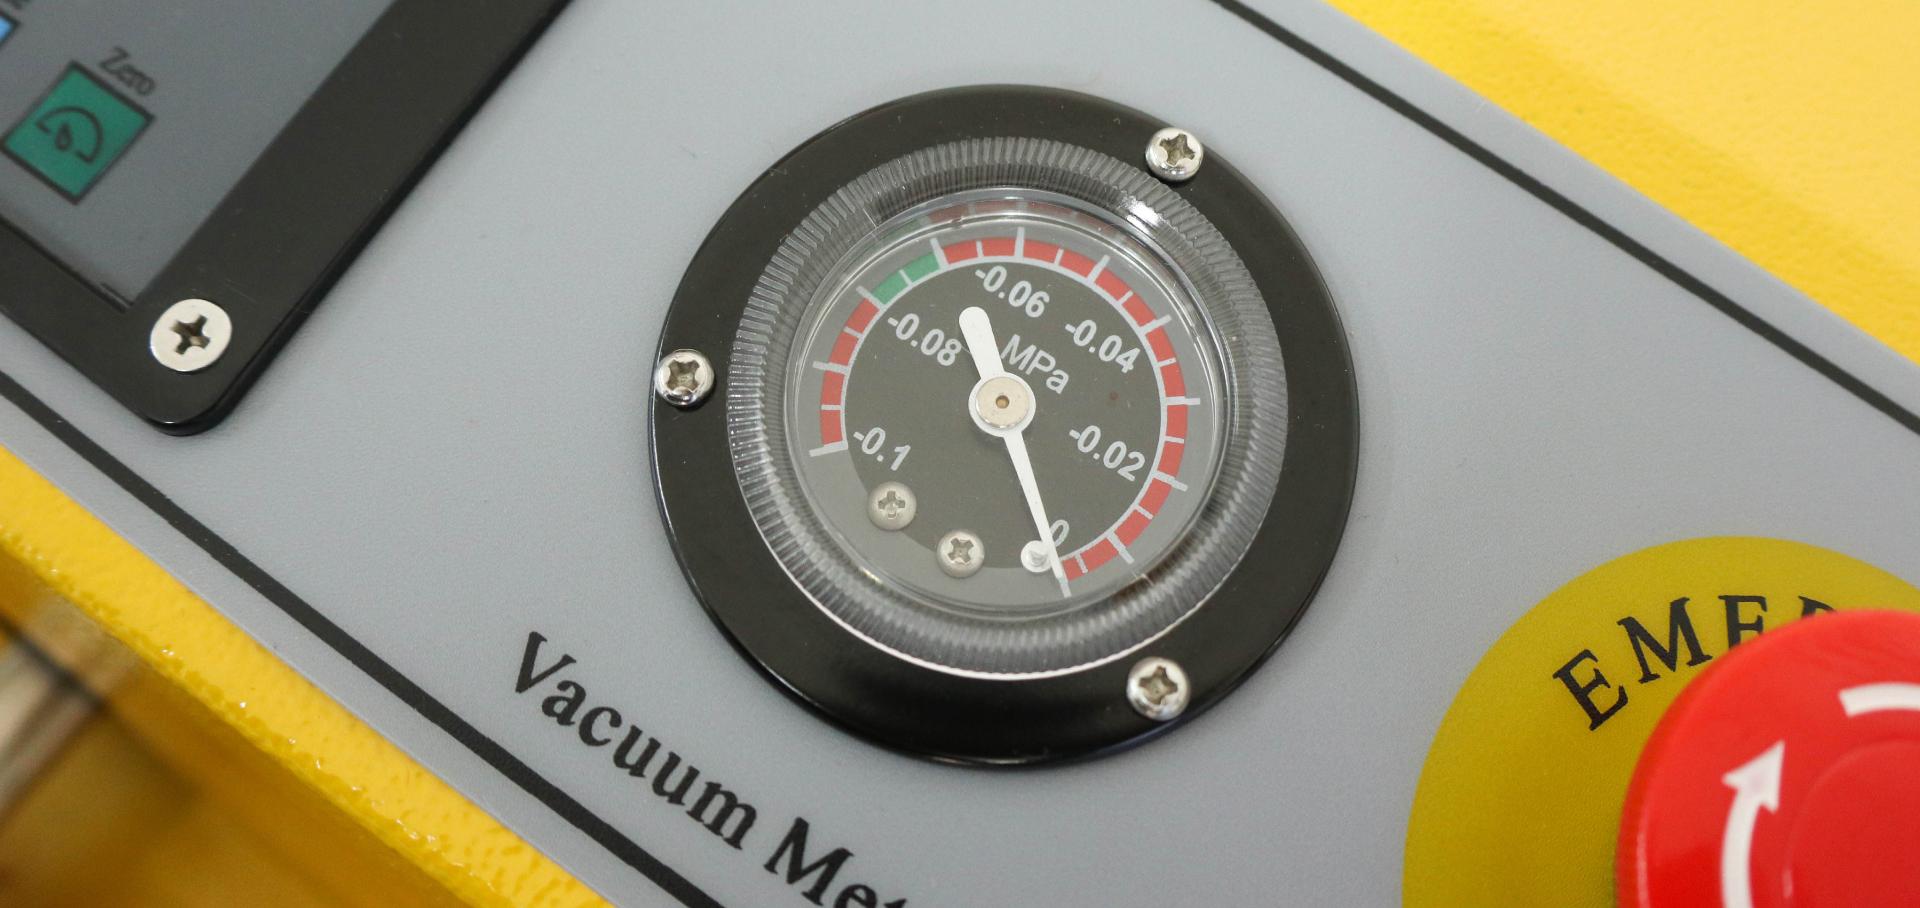 Máy ép chân không công nghiệp VC100-80. Tính năng hút chân không, thổi khí nitơ, hàn miệng túi khác nhau. Hàng chính hãng Thái Lan